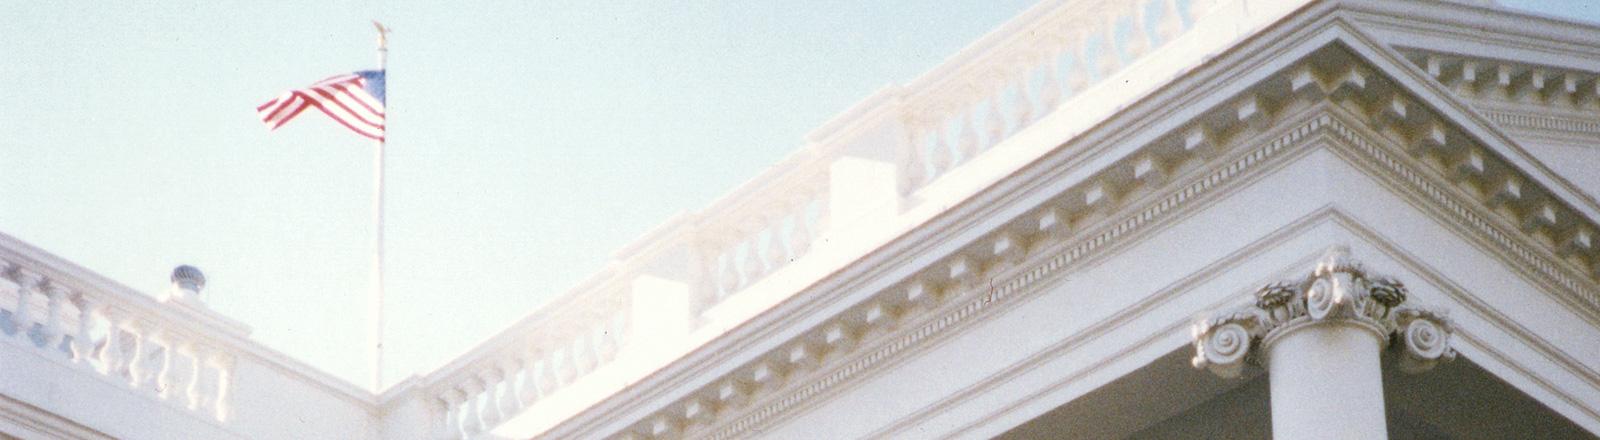 Die amerikanische Flagge auf dem Dach des Weißen Hauses.